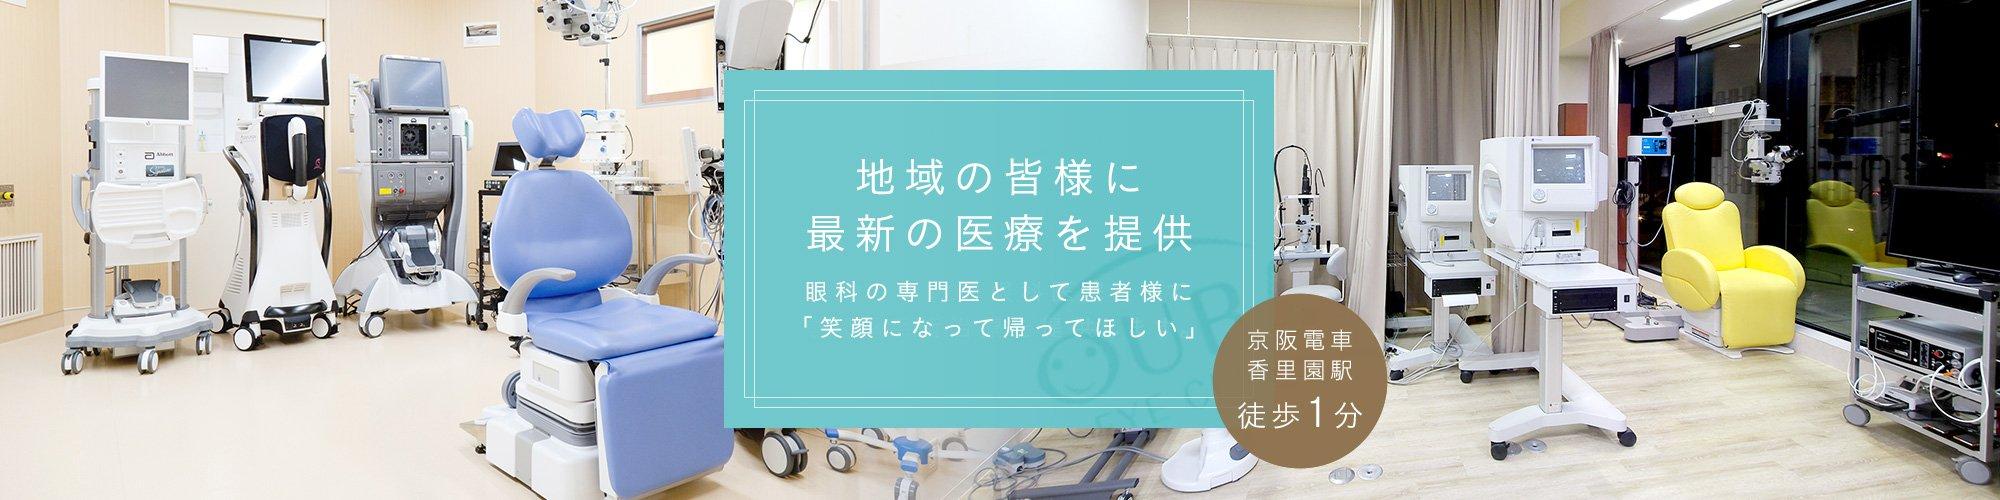 地域の皆様に最新の医療を提供 かかりつけの眼科医院として 診療・手術治療を提供します。